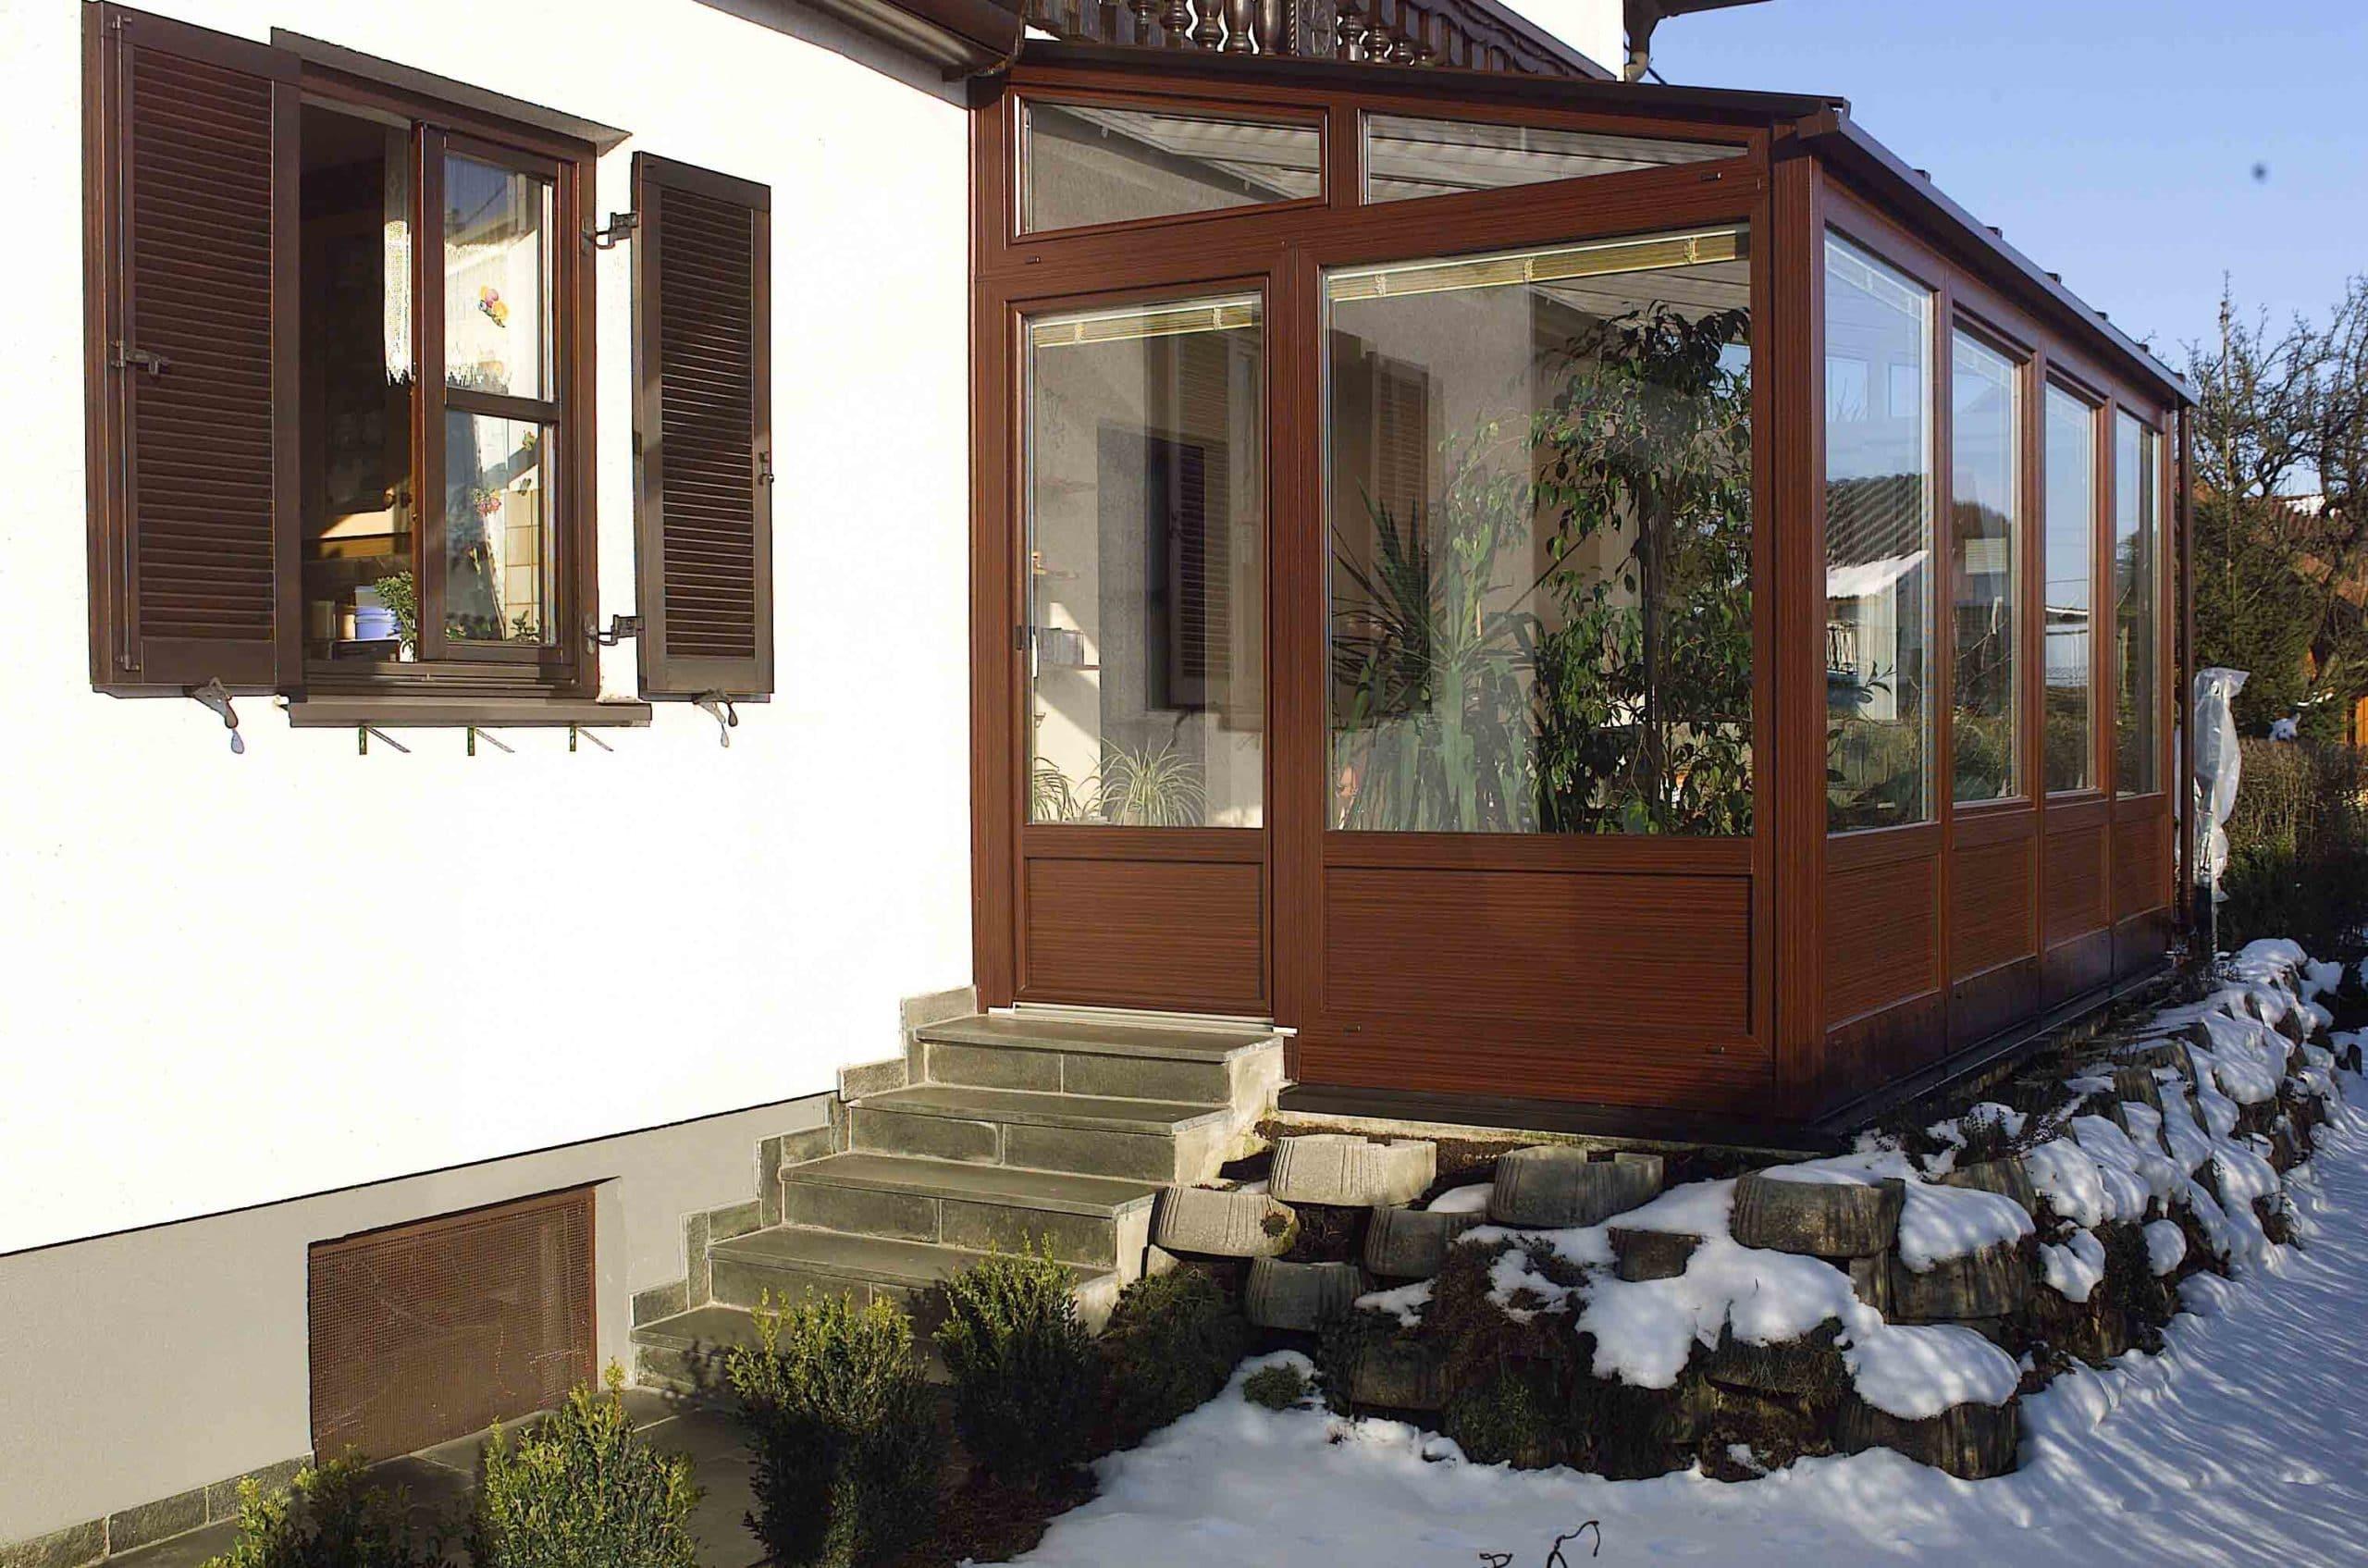 Wintergarten und Wohnraumerweiterung